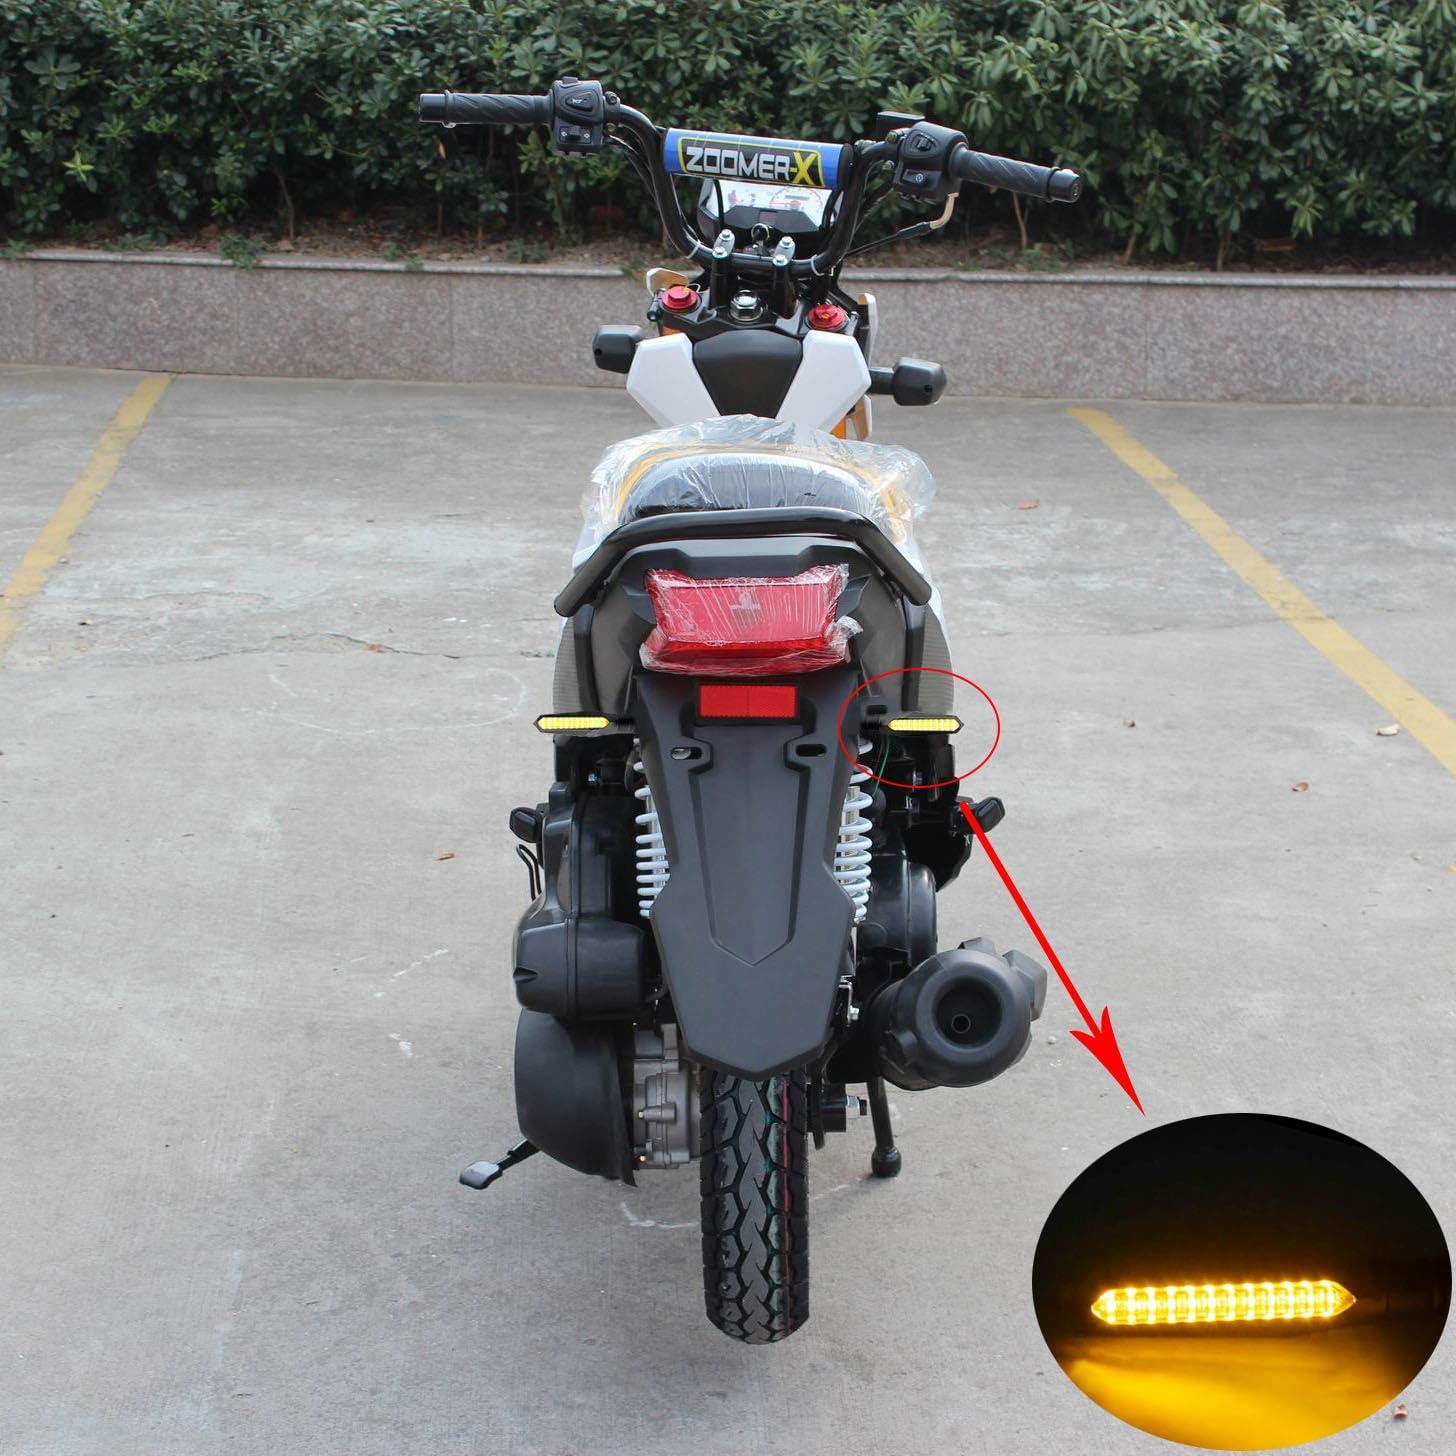 ZoooaH 4pcs clignotant moto LED a 12 LEDs,Clignotants moto LED en deux couleurs jaune et bleu,Nouveaux Indicateurs pour moto haut de Gamme tr/ès populaires